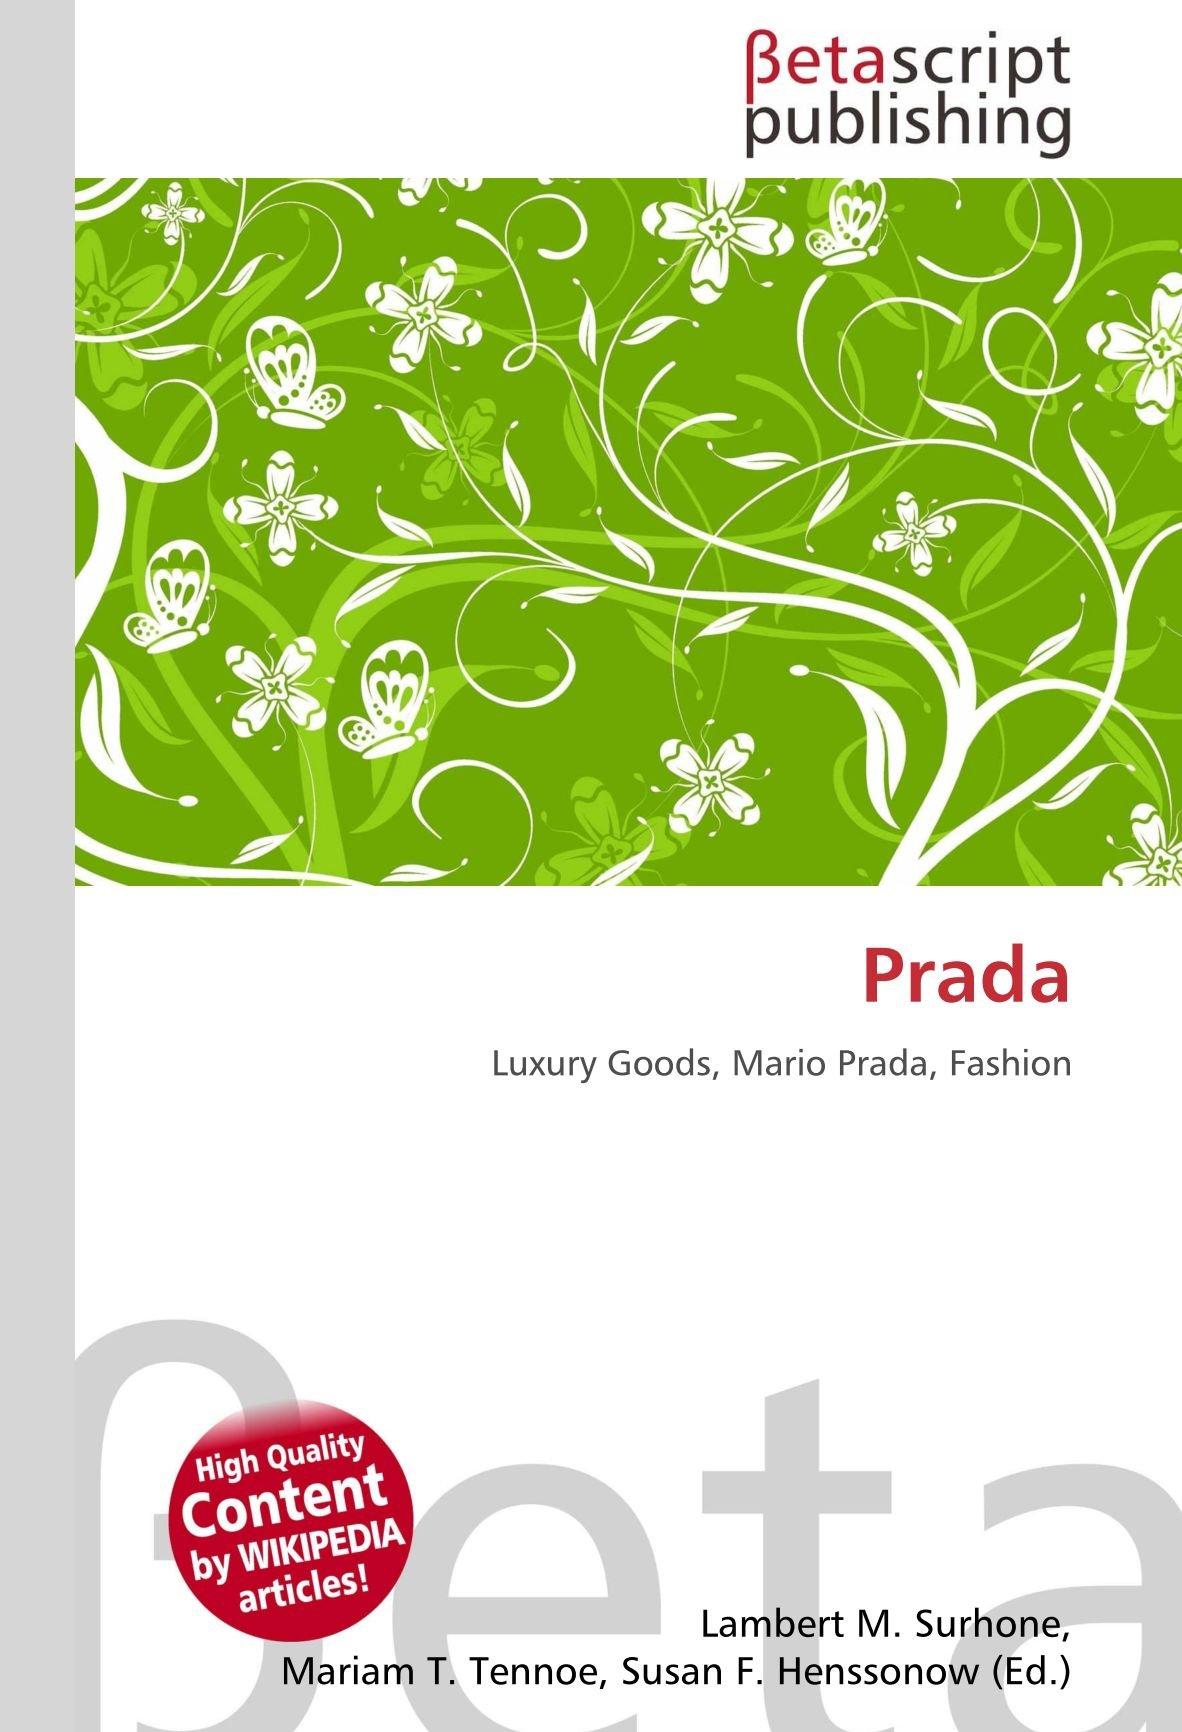 Amazon.it: Prada: Luxury Goods, Mario Prada, Fashion